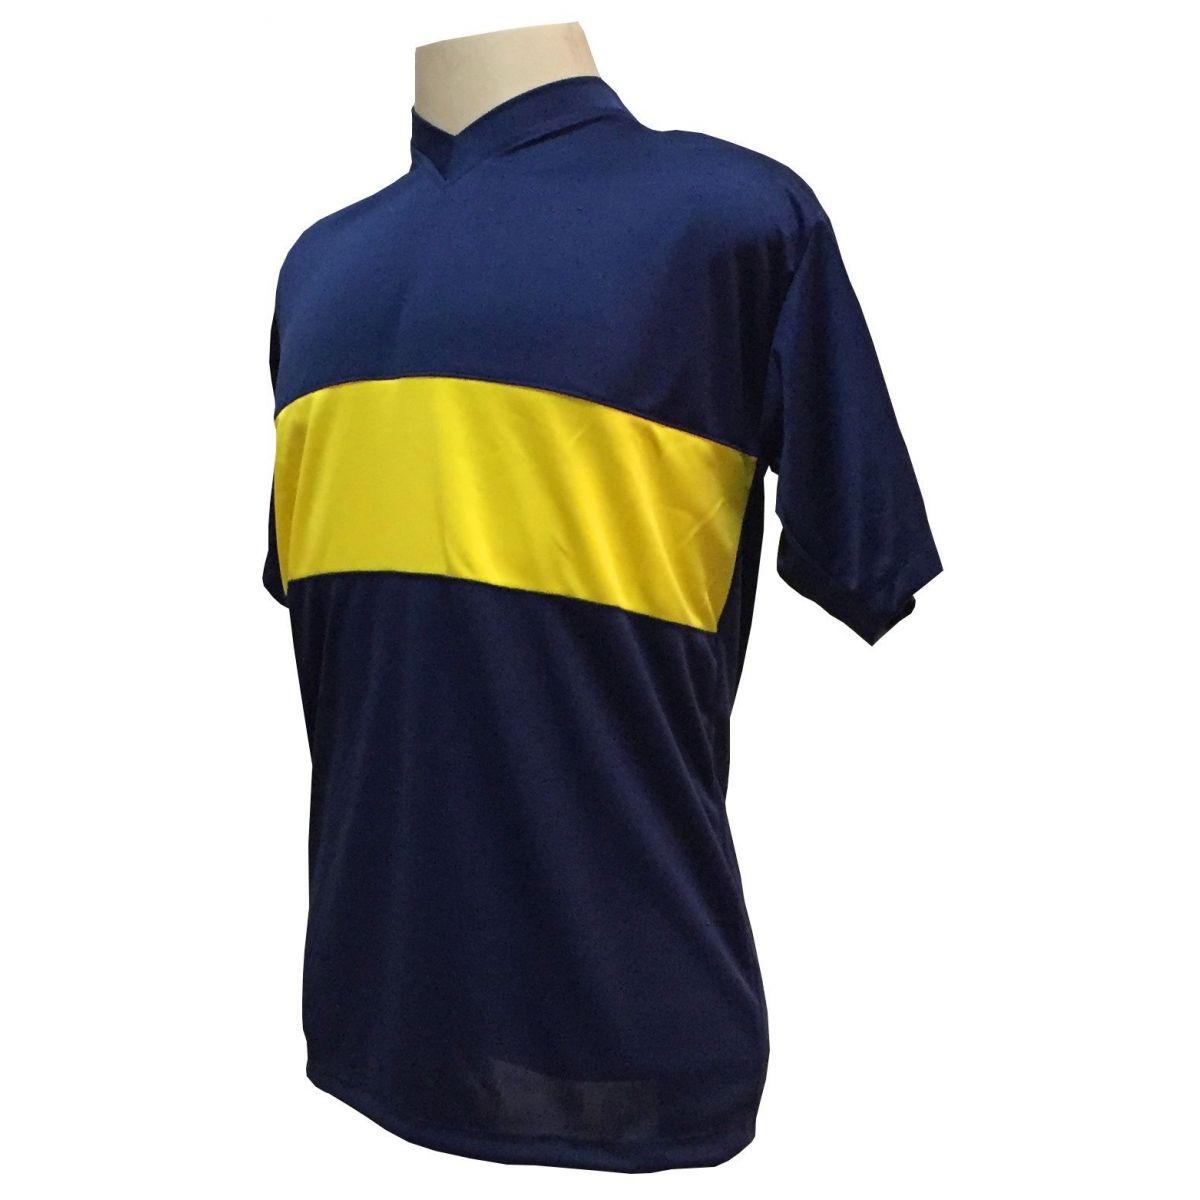 Uniforme Esportivo com 14 camisas modelo Boca Juniors Marinho/Amarelo + 14 calções modelo Madrid Amarelo + Brindes